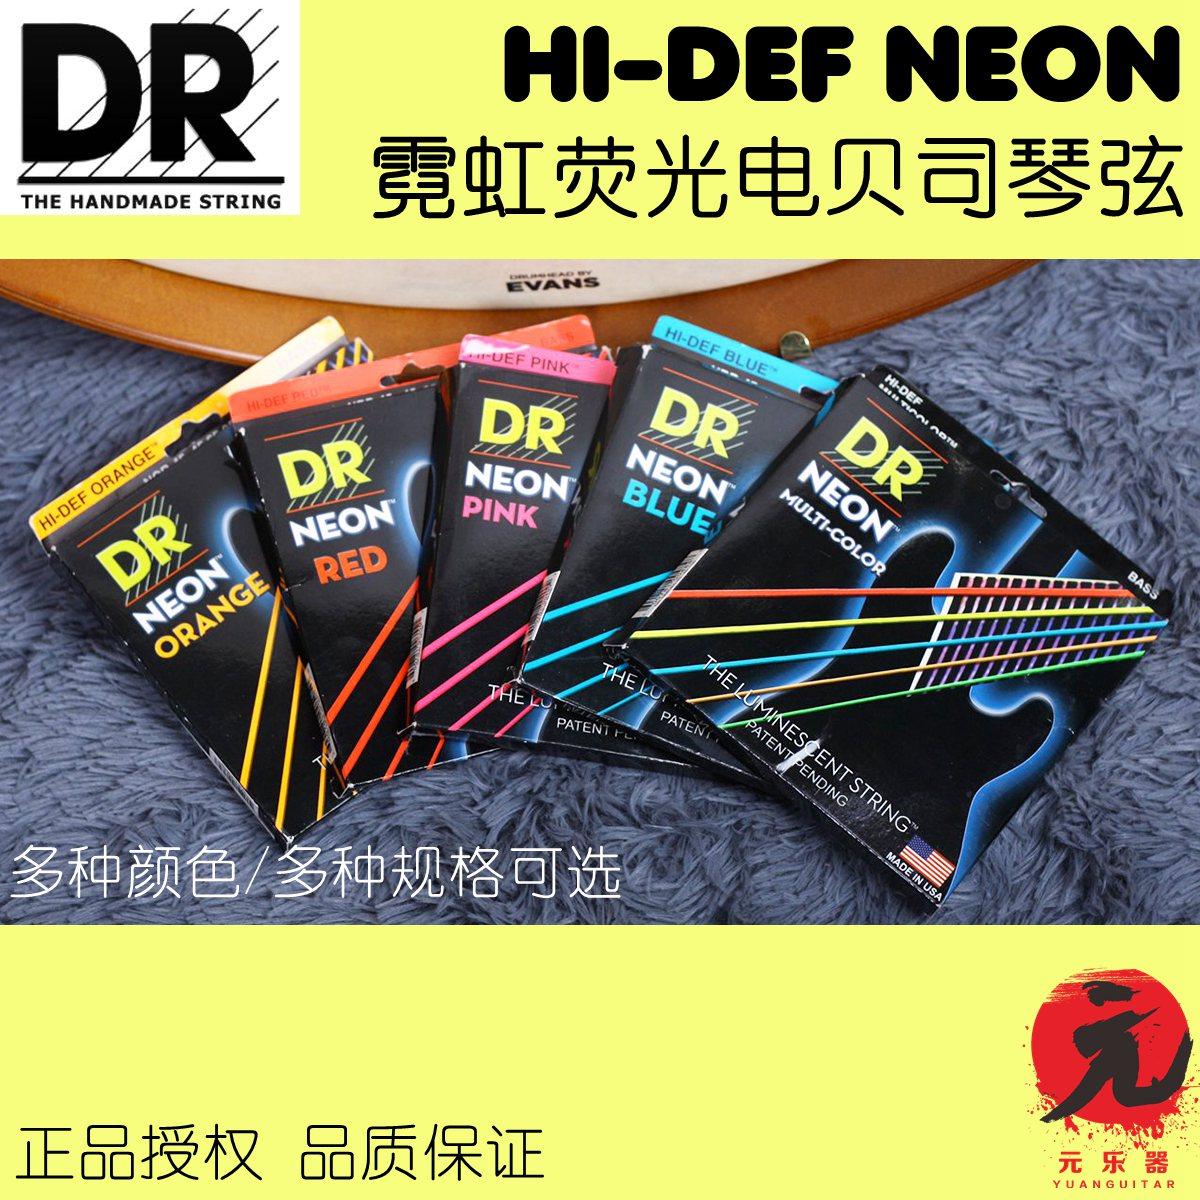 【Музыкальный инструмент Юань】DR HI-DEF NEON Неоновая флуоресценция разноцветный Электрические басовые струны 4 строки / 5 строк / 6 строк